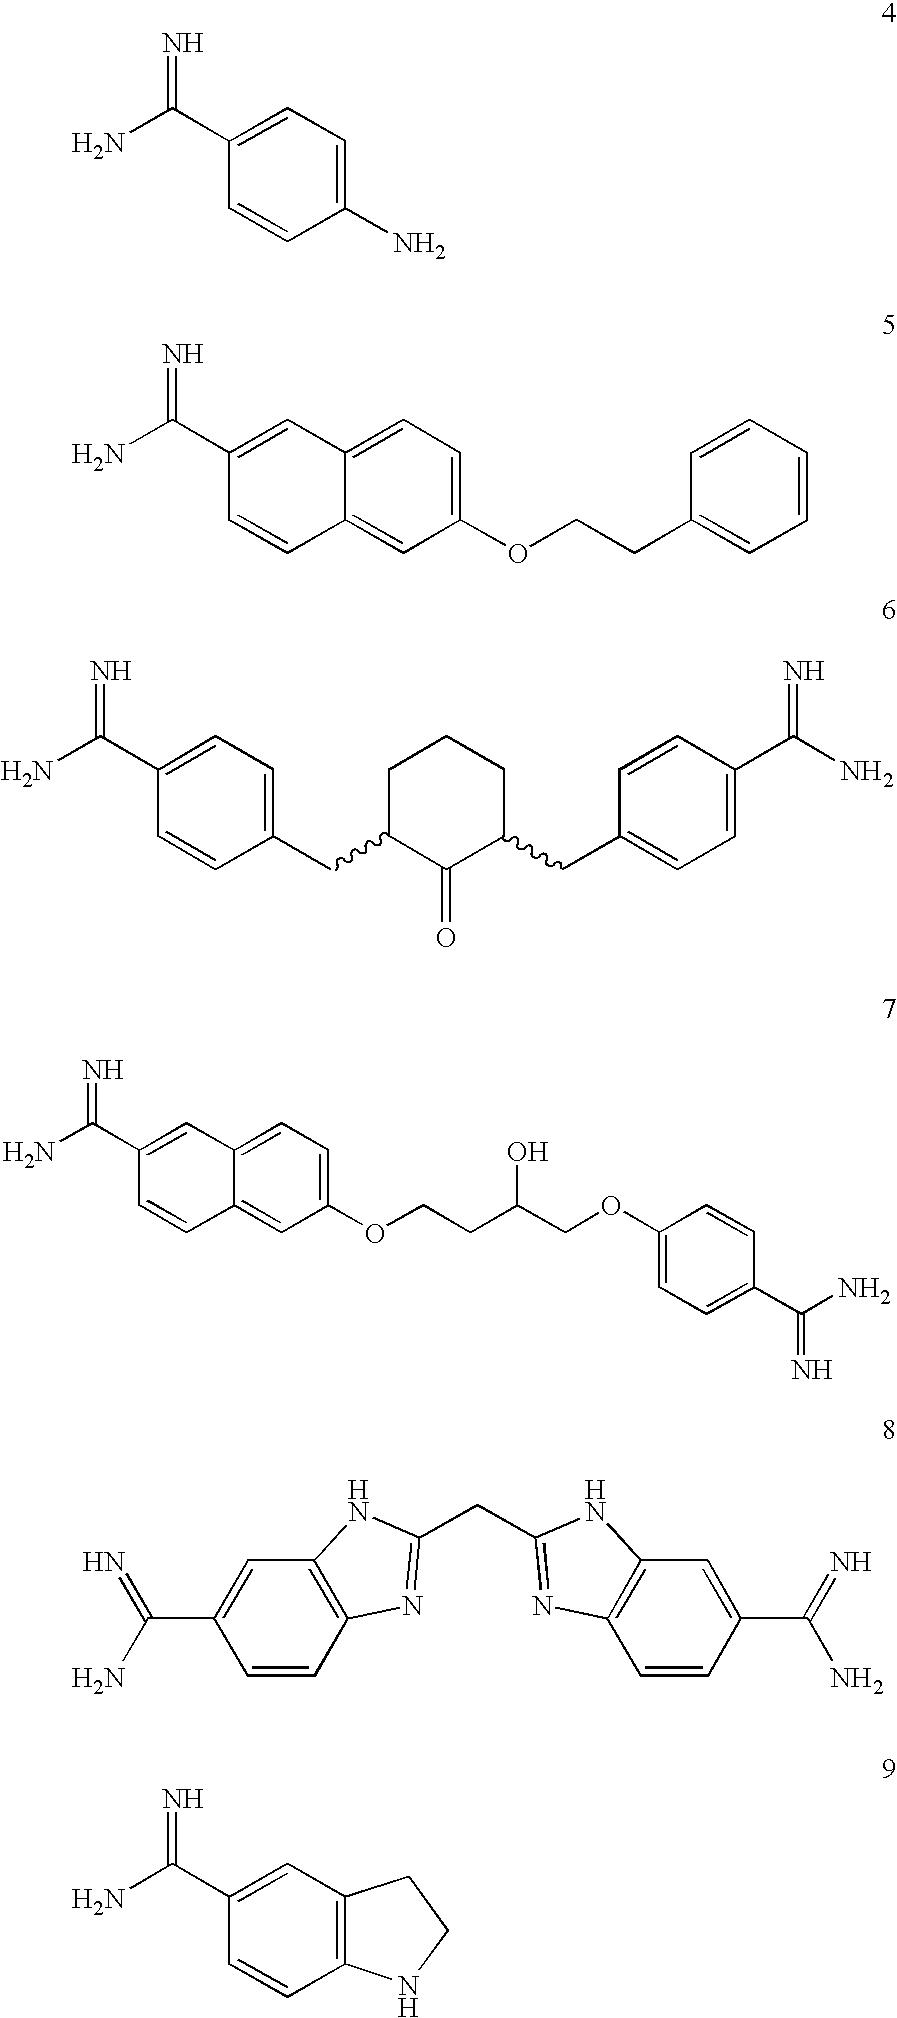 Figure US20030199440A1-20031023-C00004